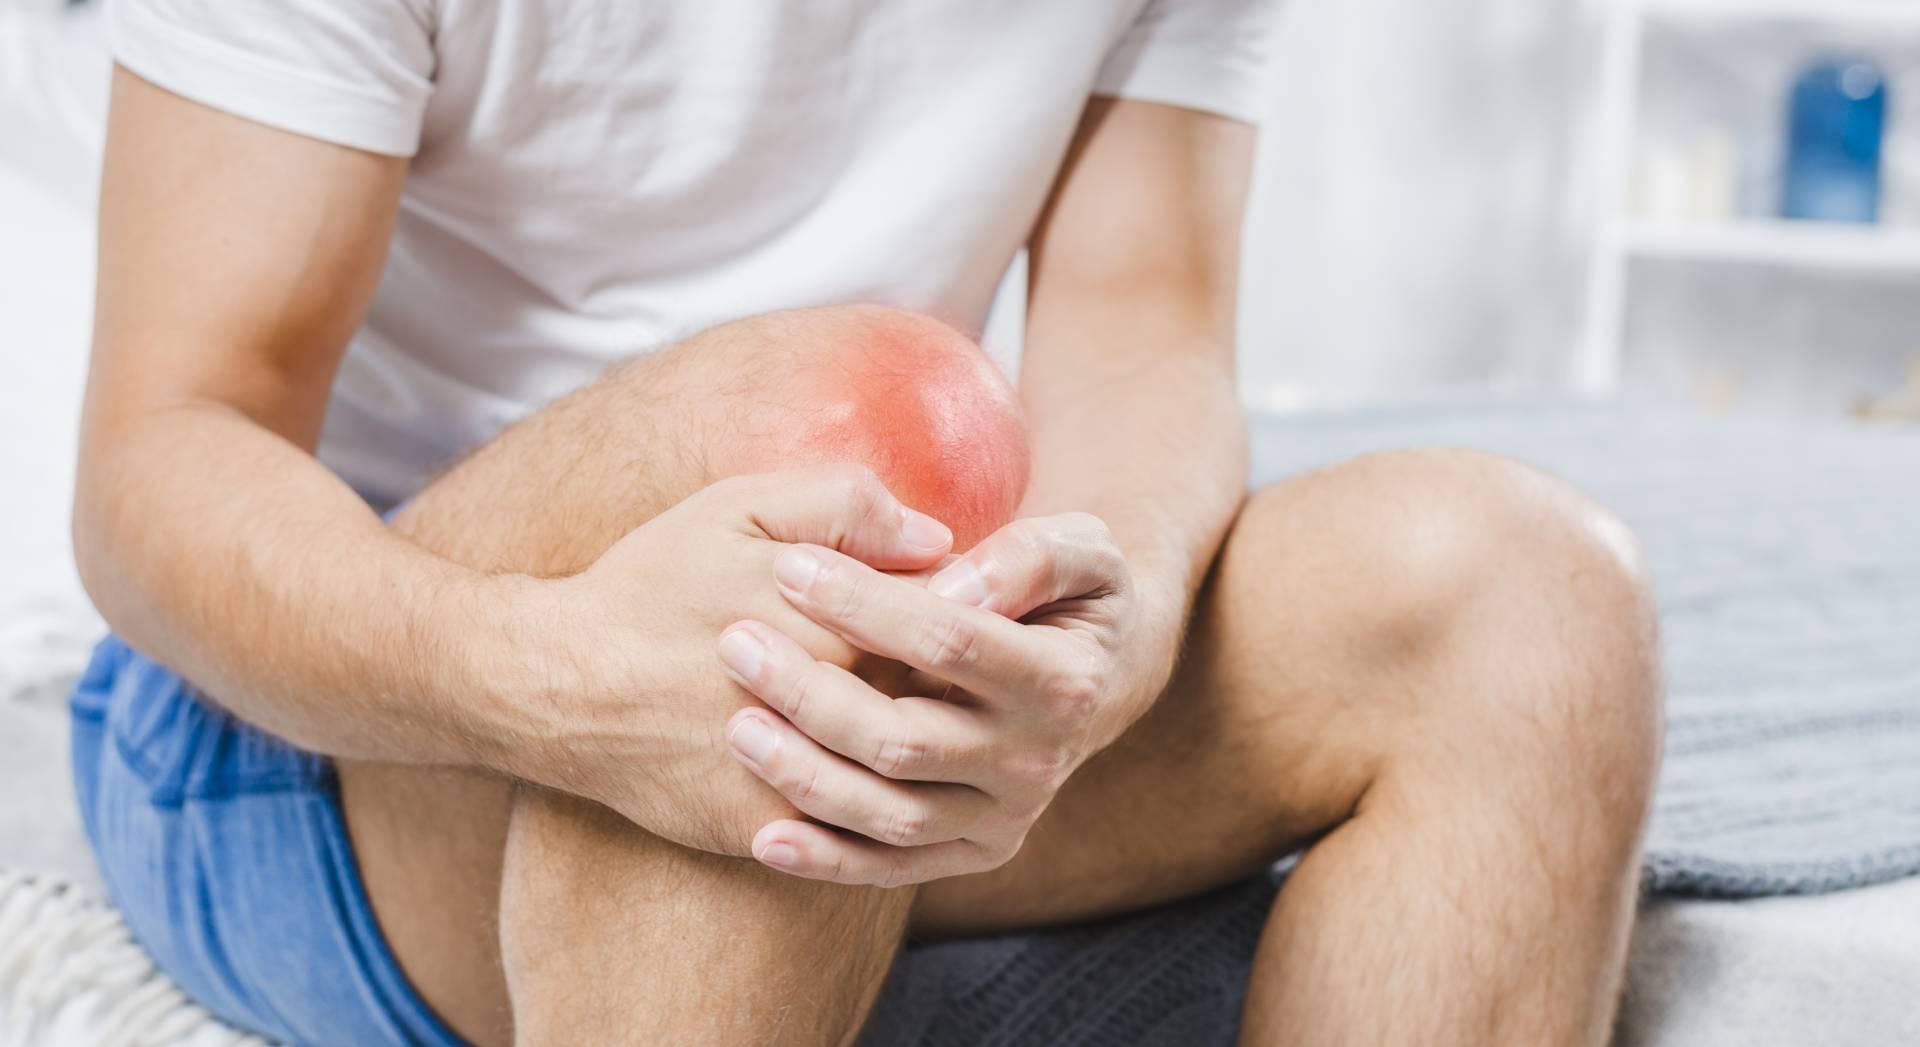 Un paziente soffre di dolori al ginocchio che potrebbe risolvere con sedute di tecarterapia